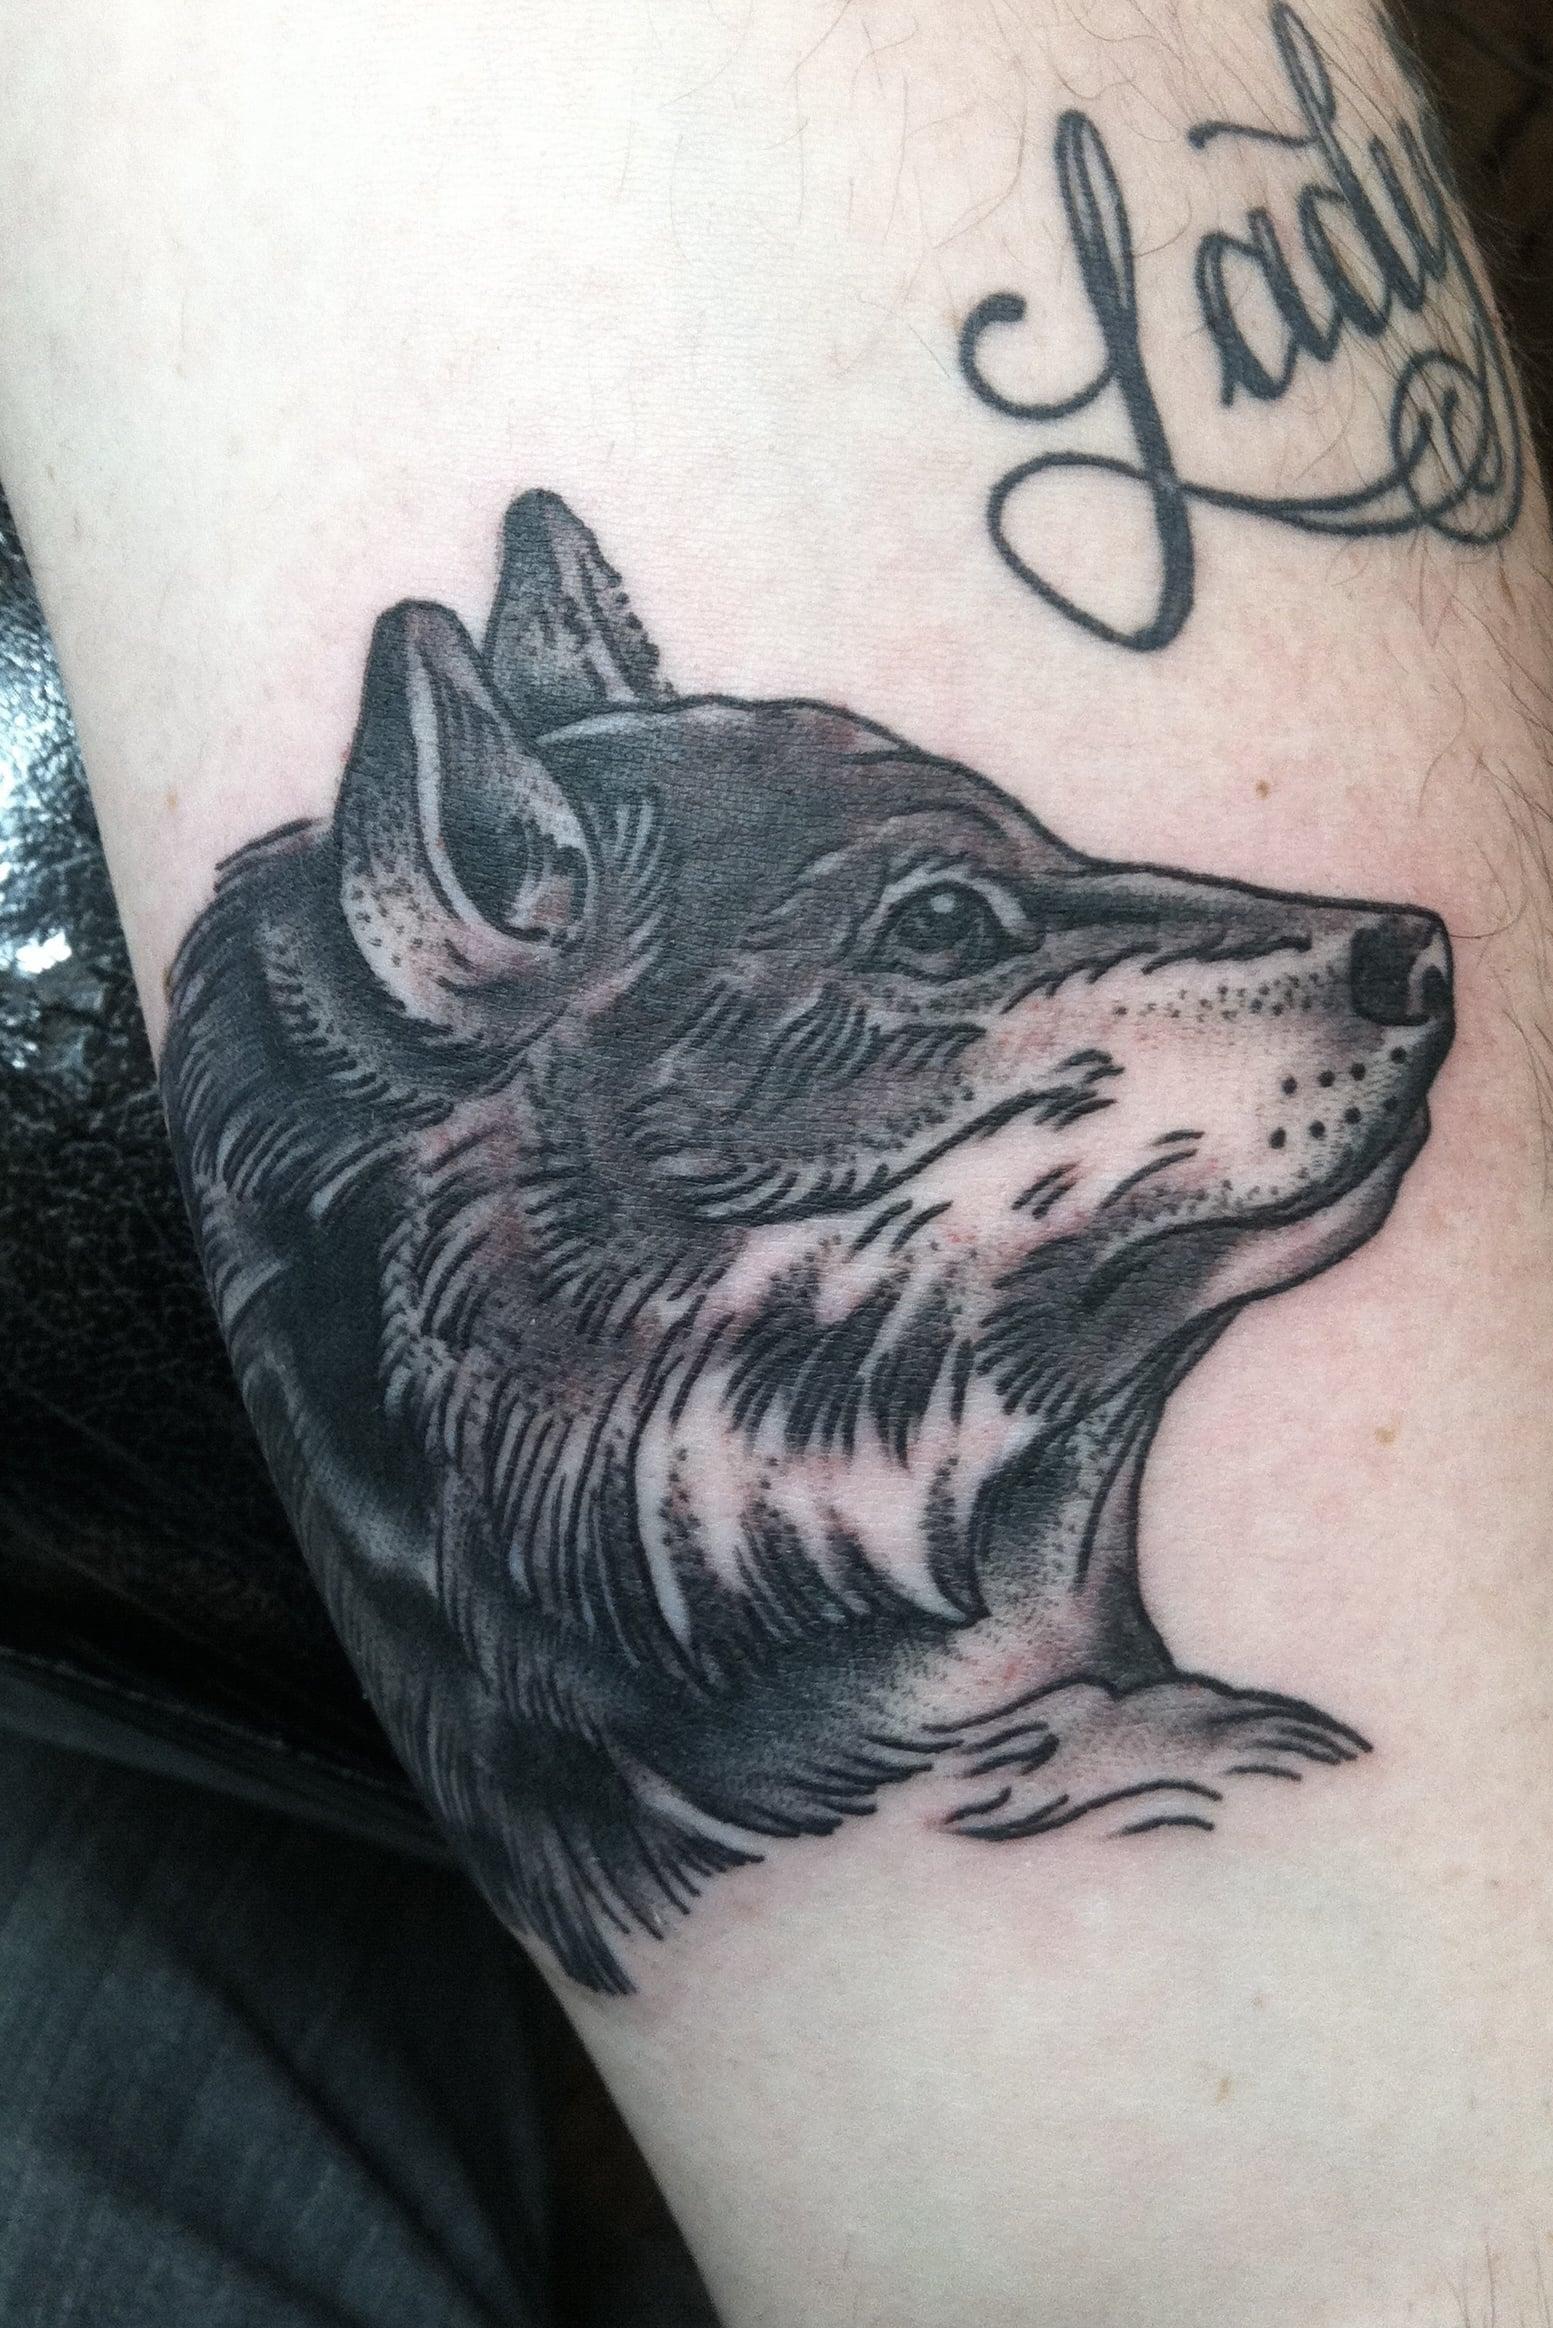 Tatuaje lobo de perfil